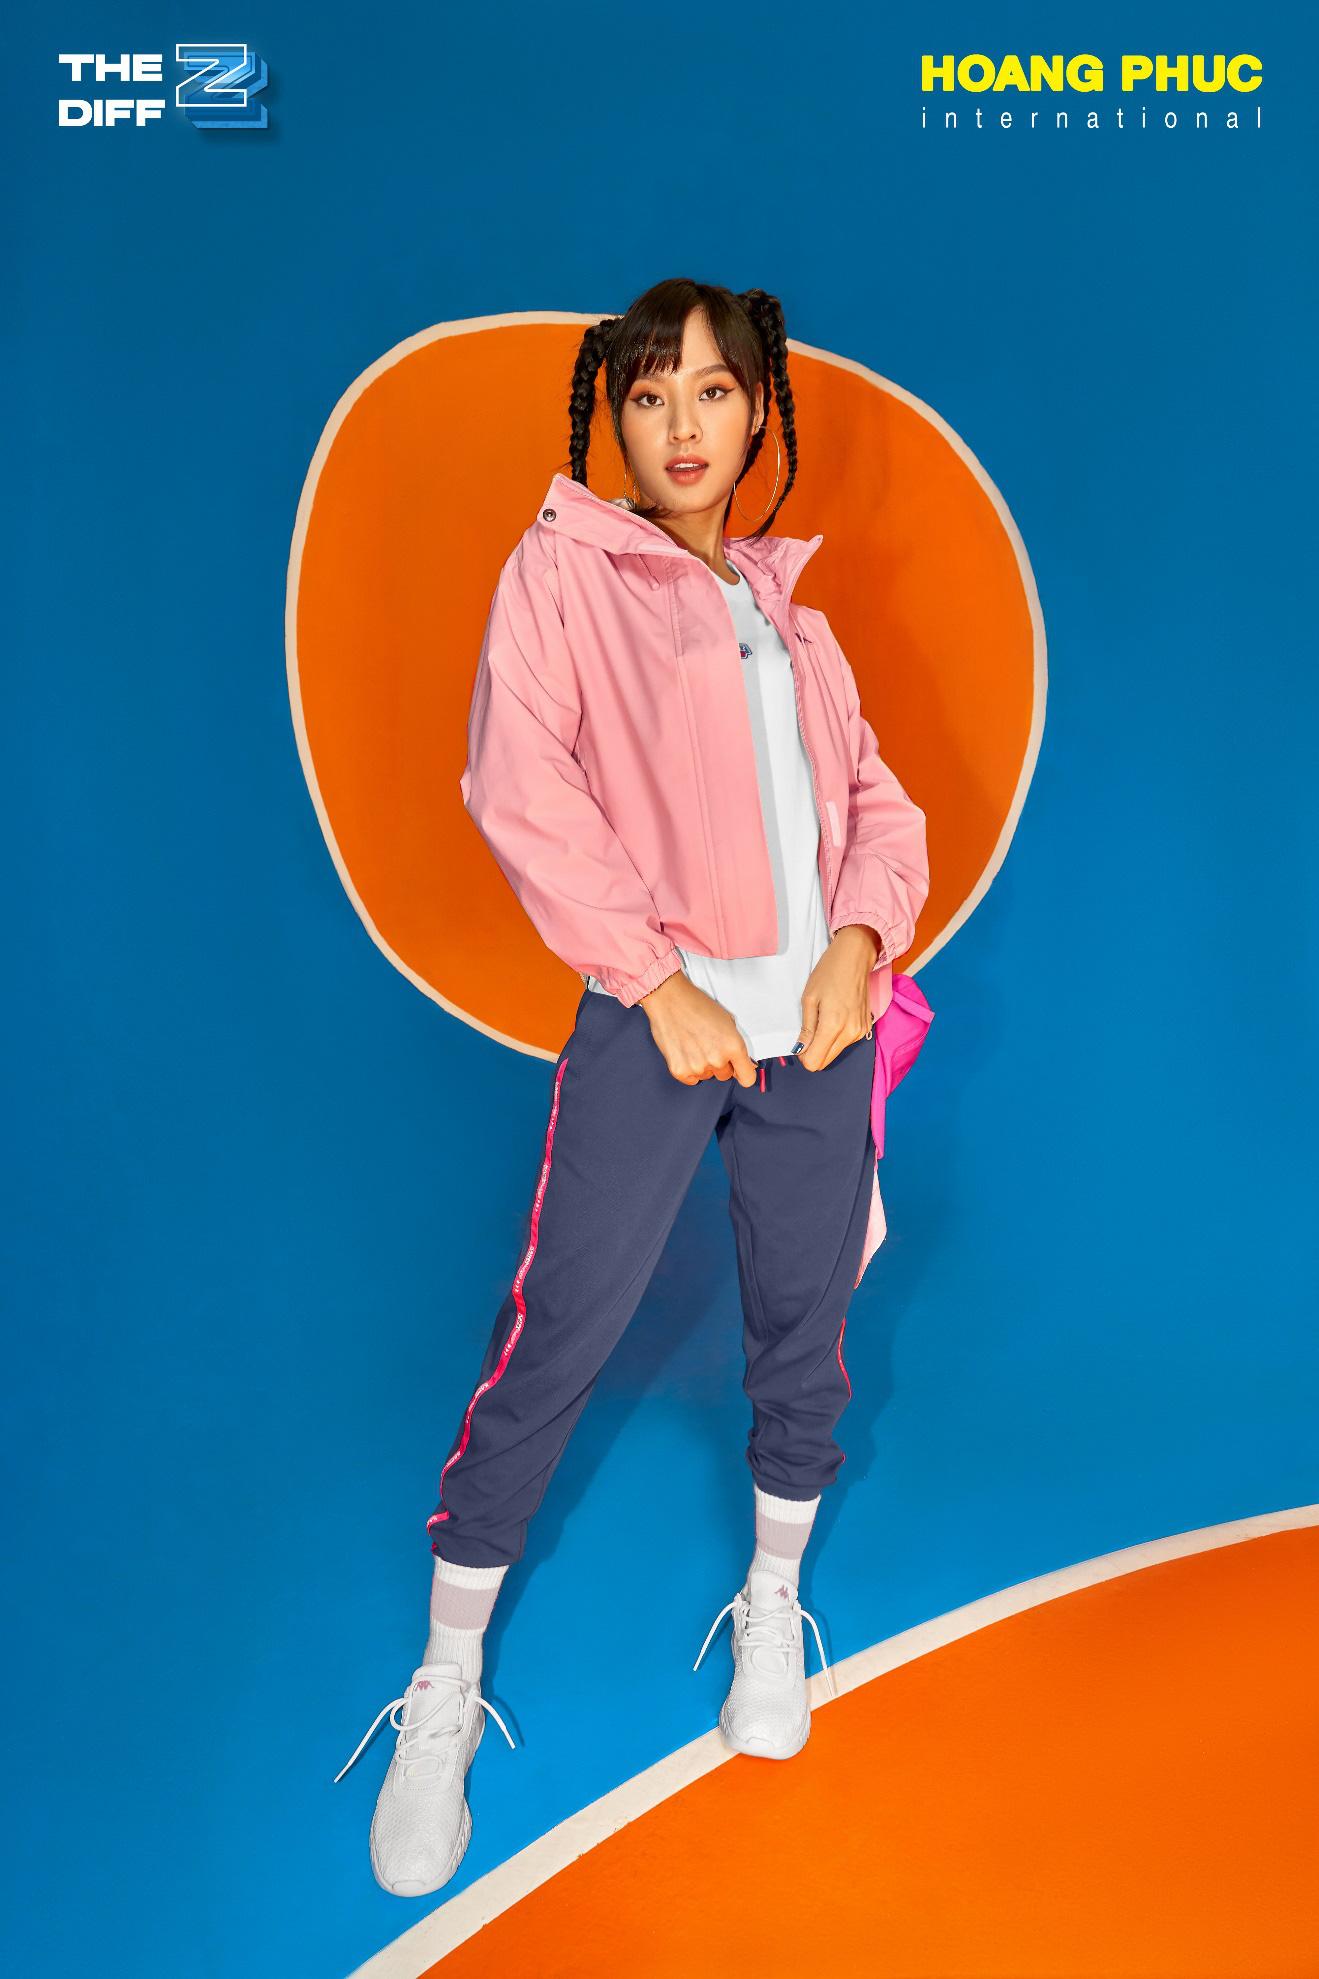 Tự tin và khác biệt cùng THE DIFF Z - Bộ ảnh thời trang Tết Tân Sửu 2021 từ HOANG PHUC International hợp tác cùng stylist của Binz - Ảnh 10.